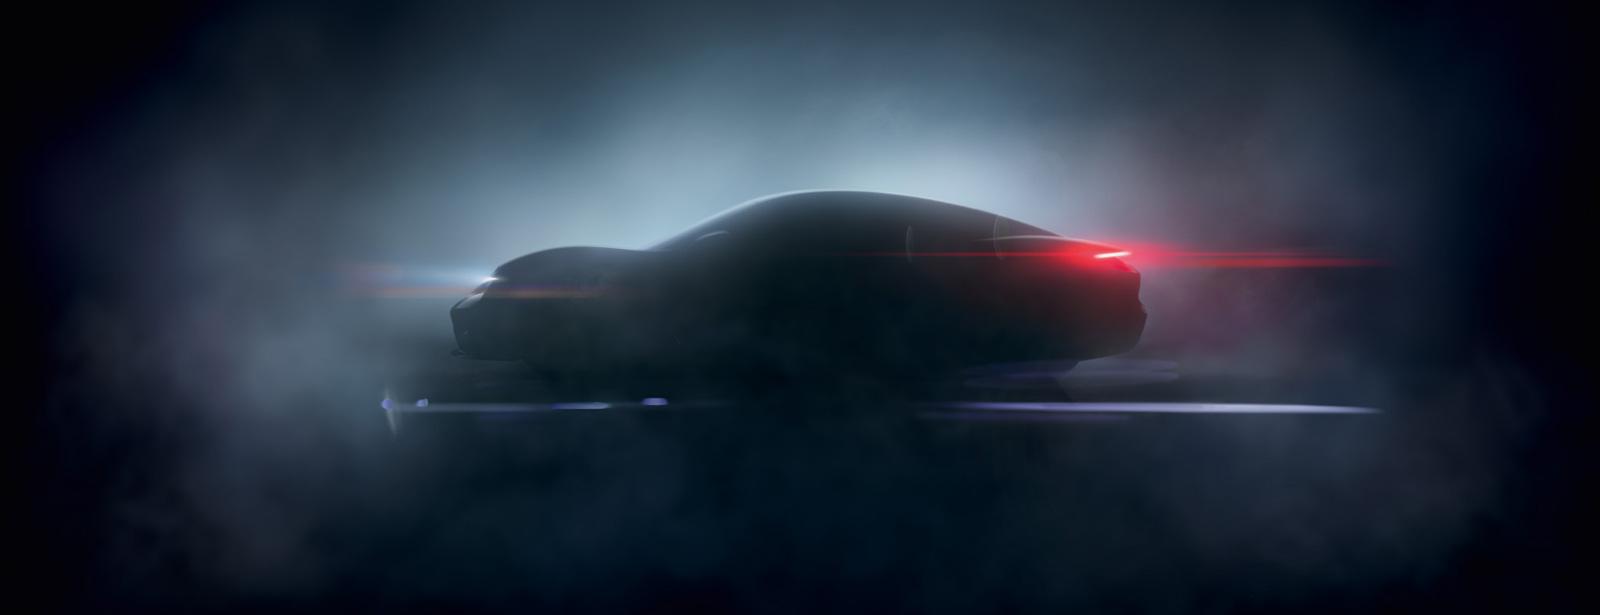 Anzahlungsoption | Porsche Taycan